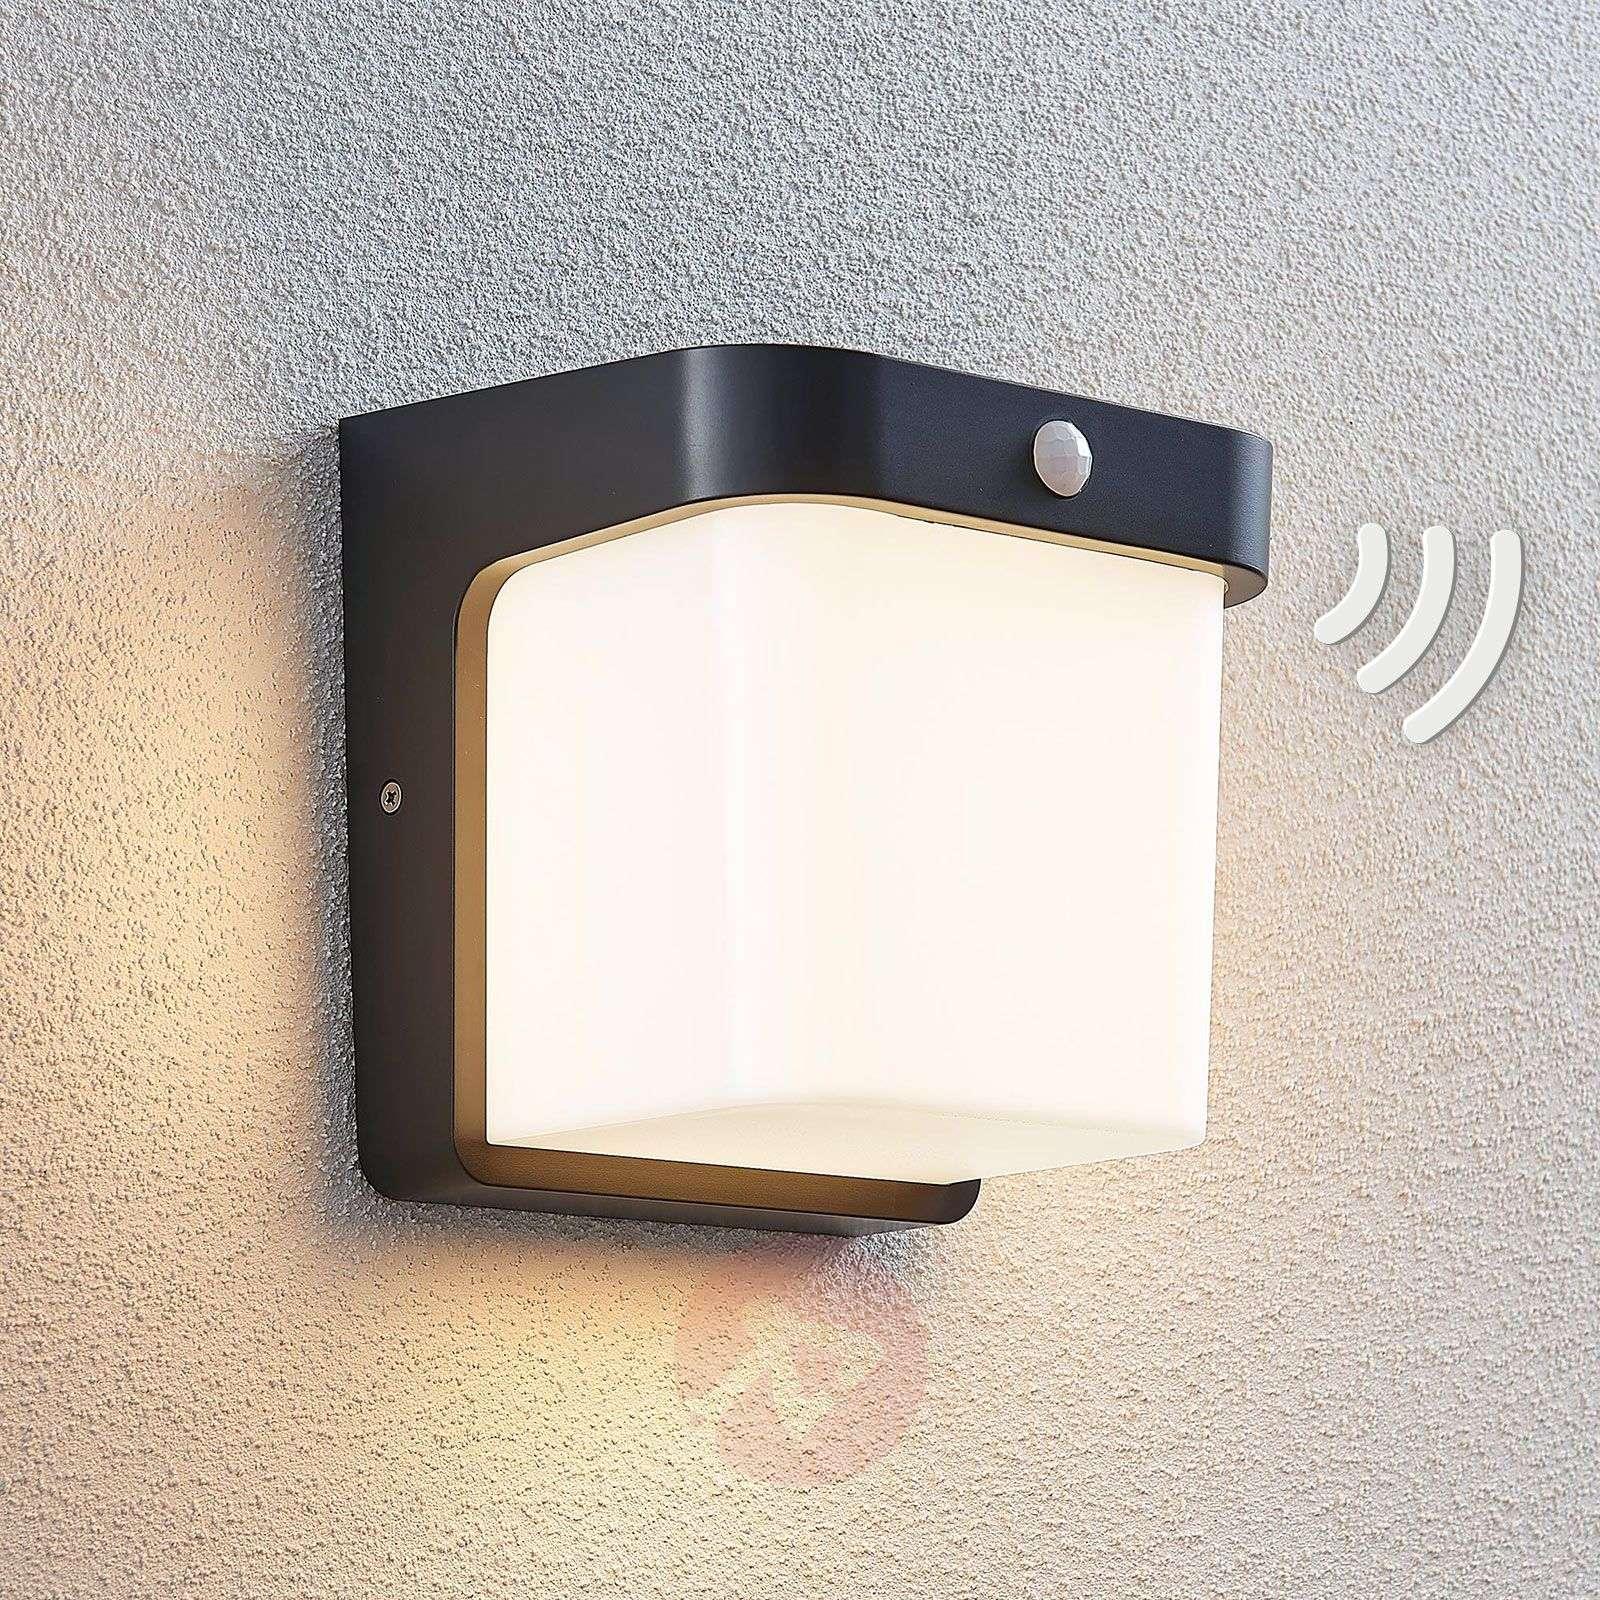 LED-ulkoseinälamppu Adenike anturilla-9949049-01